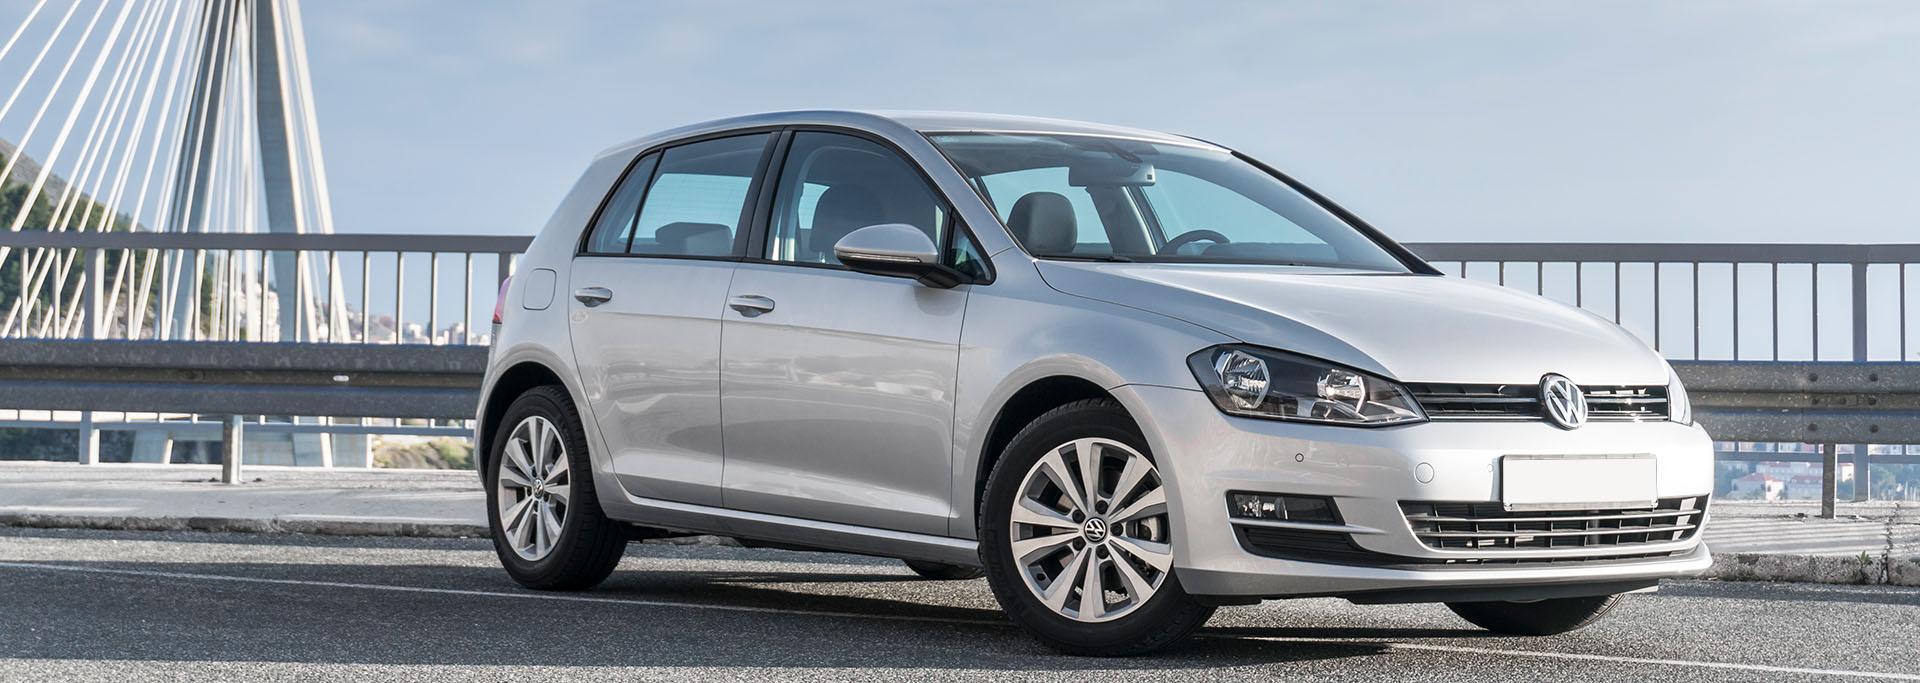 VW Golf Gebrauchtwagen bestellen